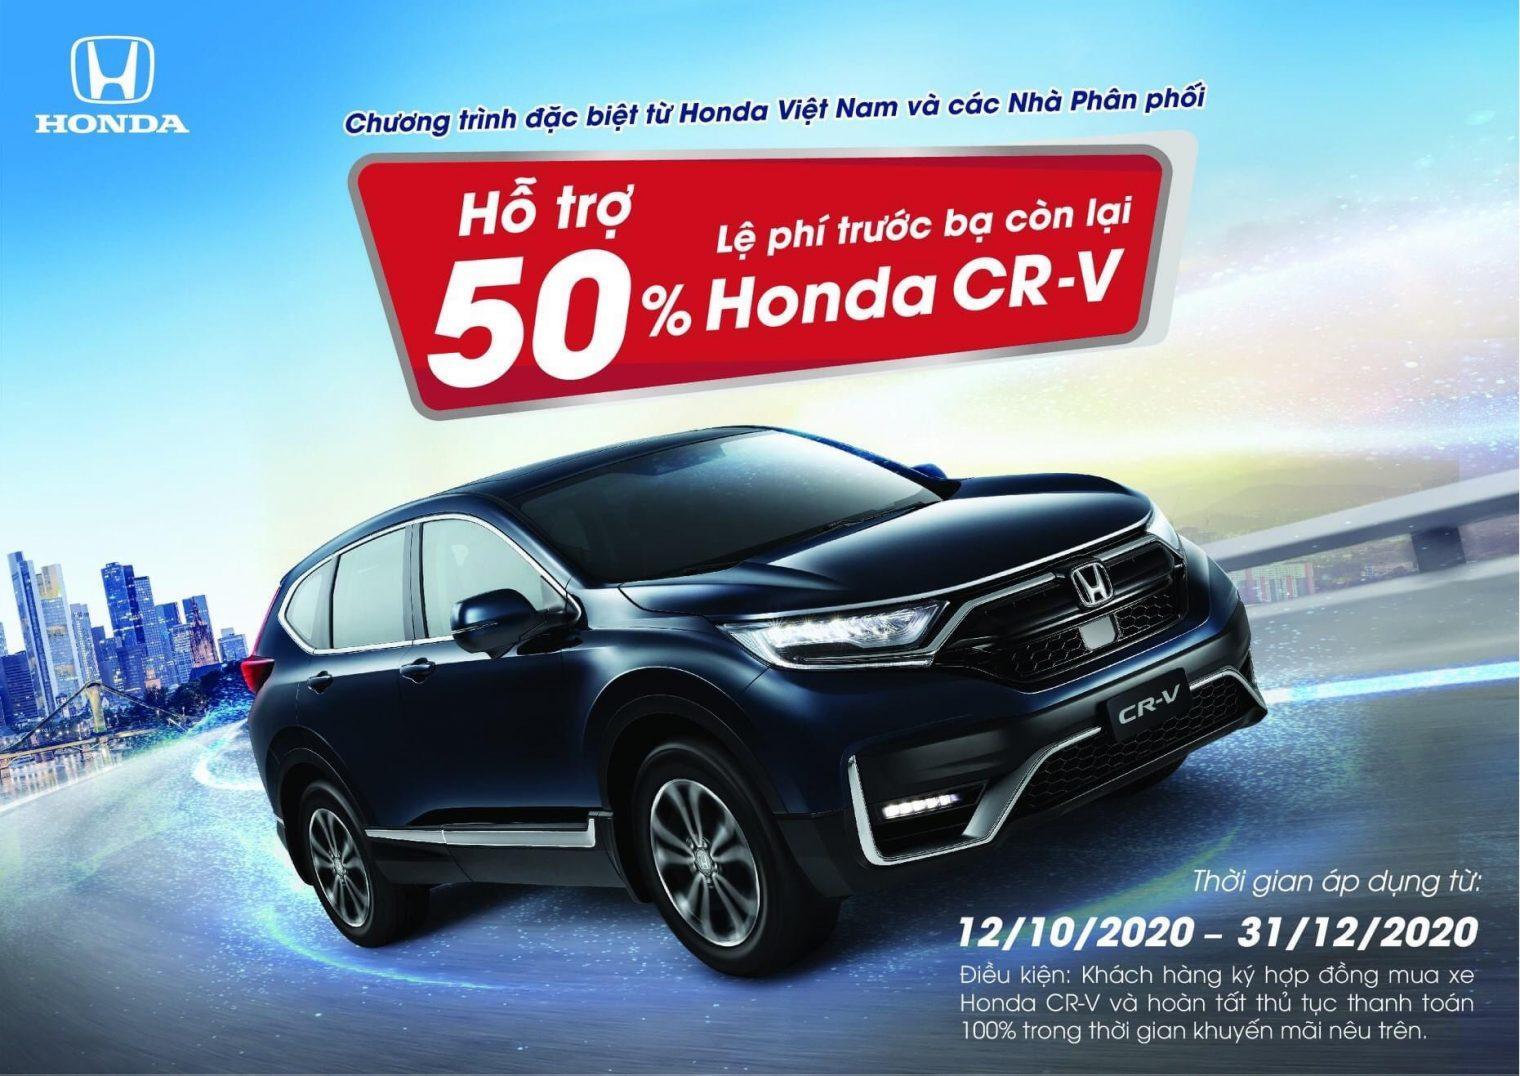 Honda CR-V ưu đãi 100% thuế trước bạ – Honda Ôtô Tiền Giang